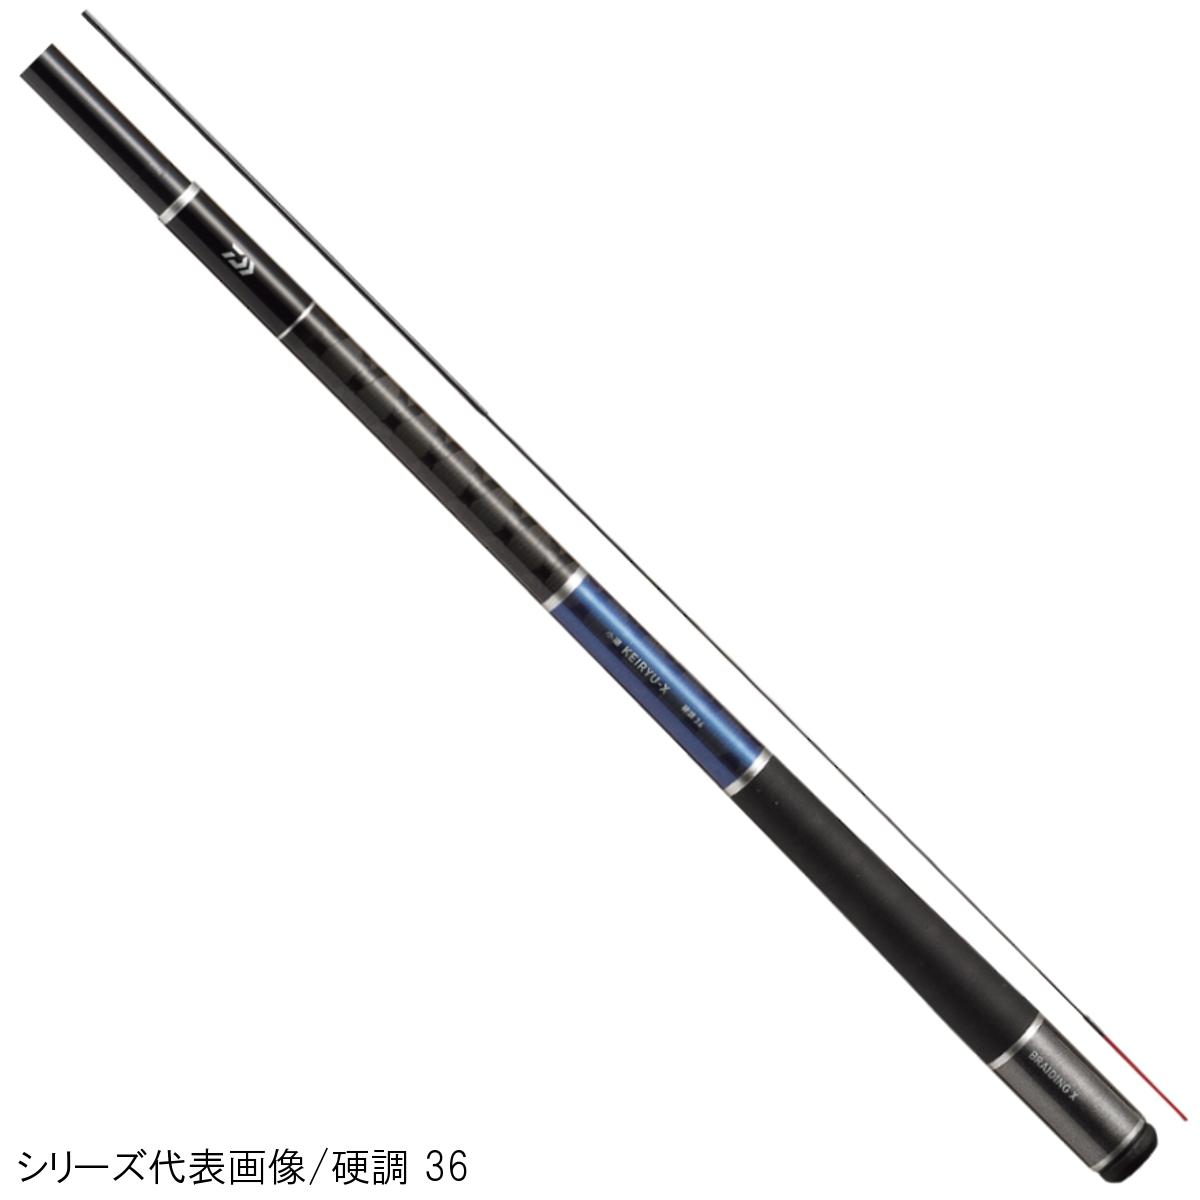 ダイワ 小継 渓流 X 硬調 45(東日本店)